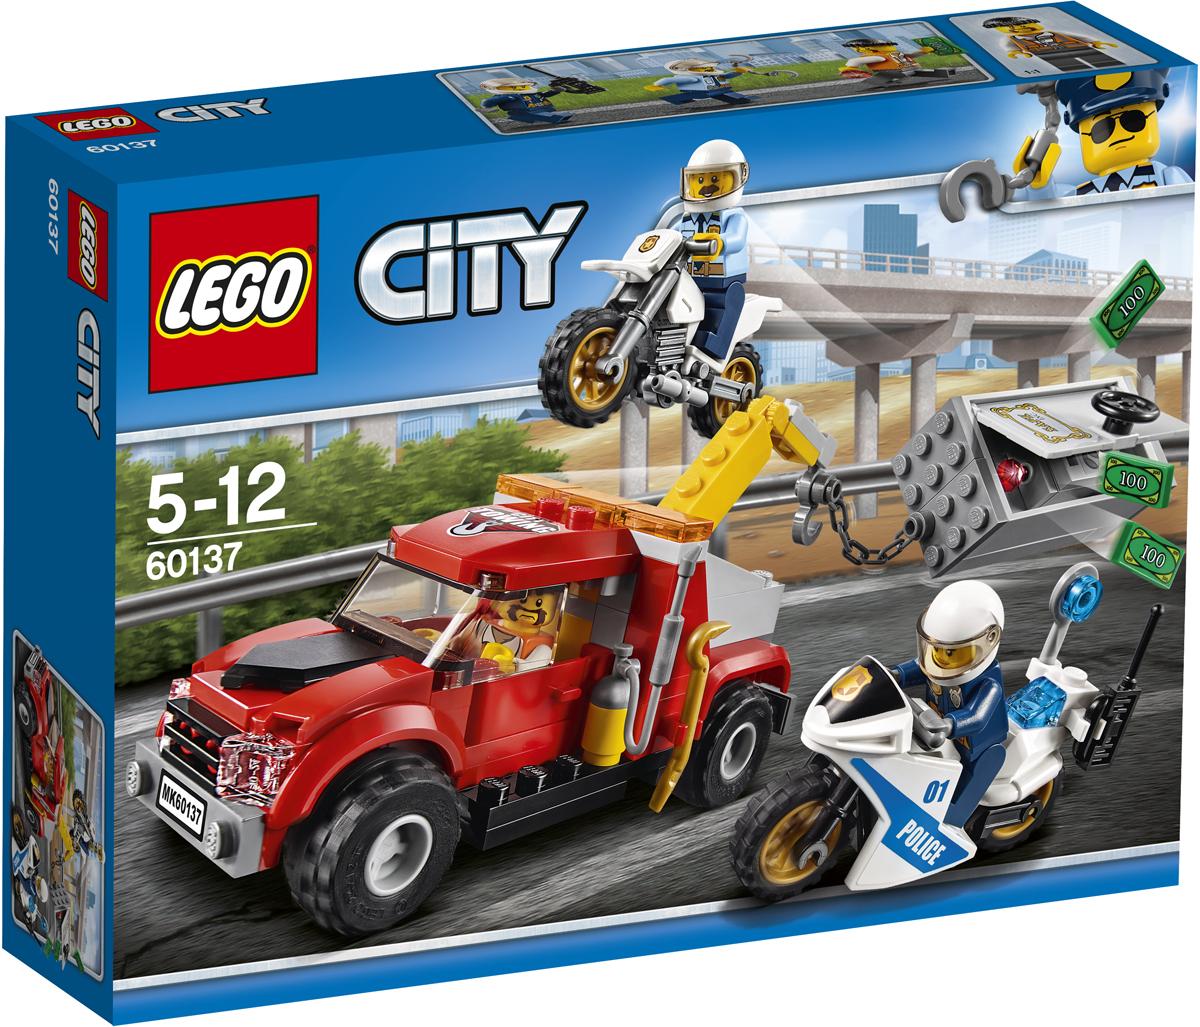 LEGO City Конструктор Побег на буксировщике 60137 lego city конструктор внедорожник каскадера 60146